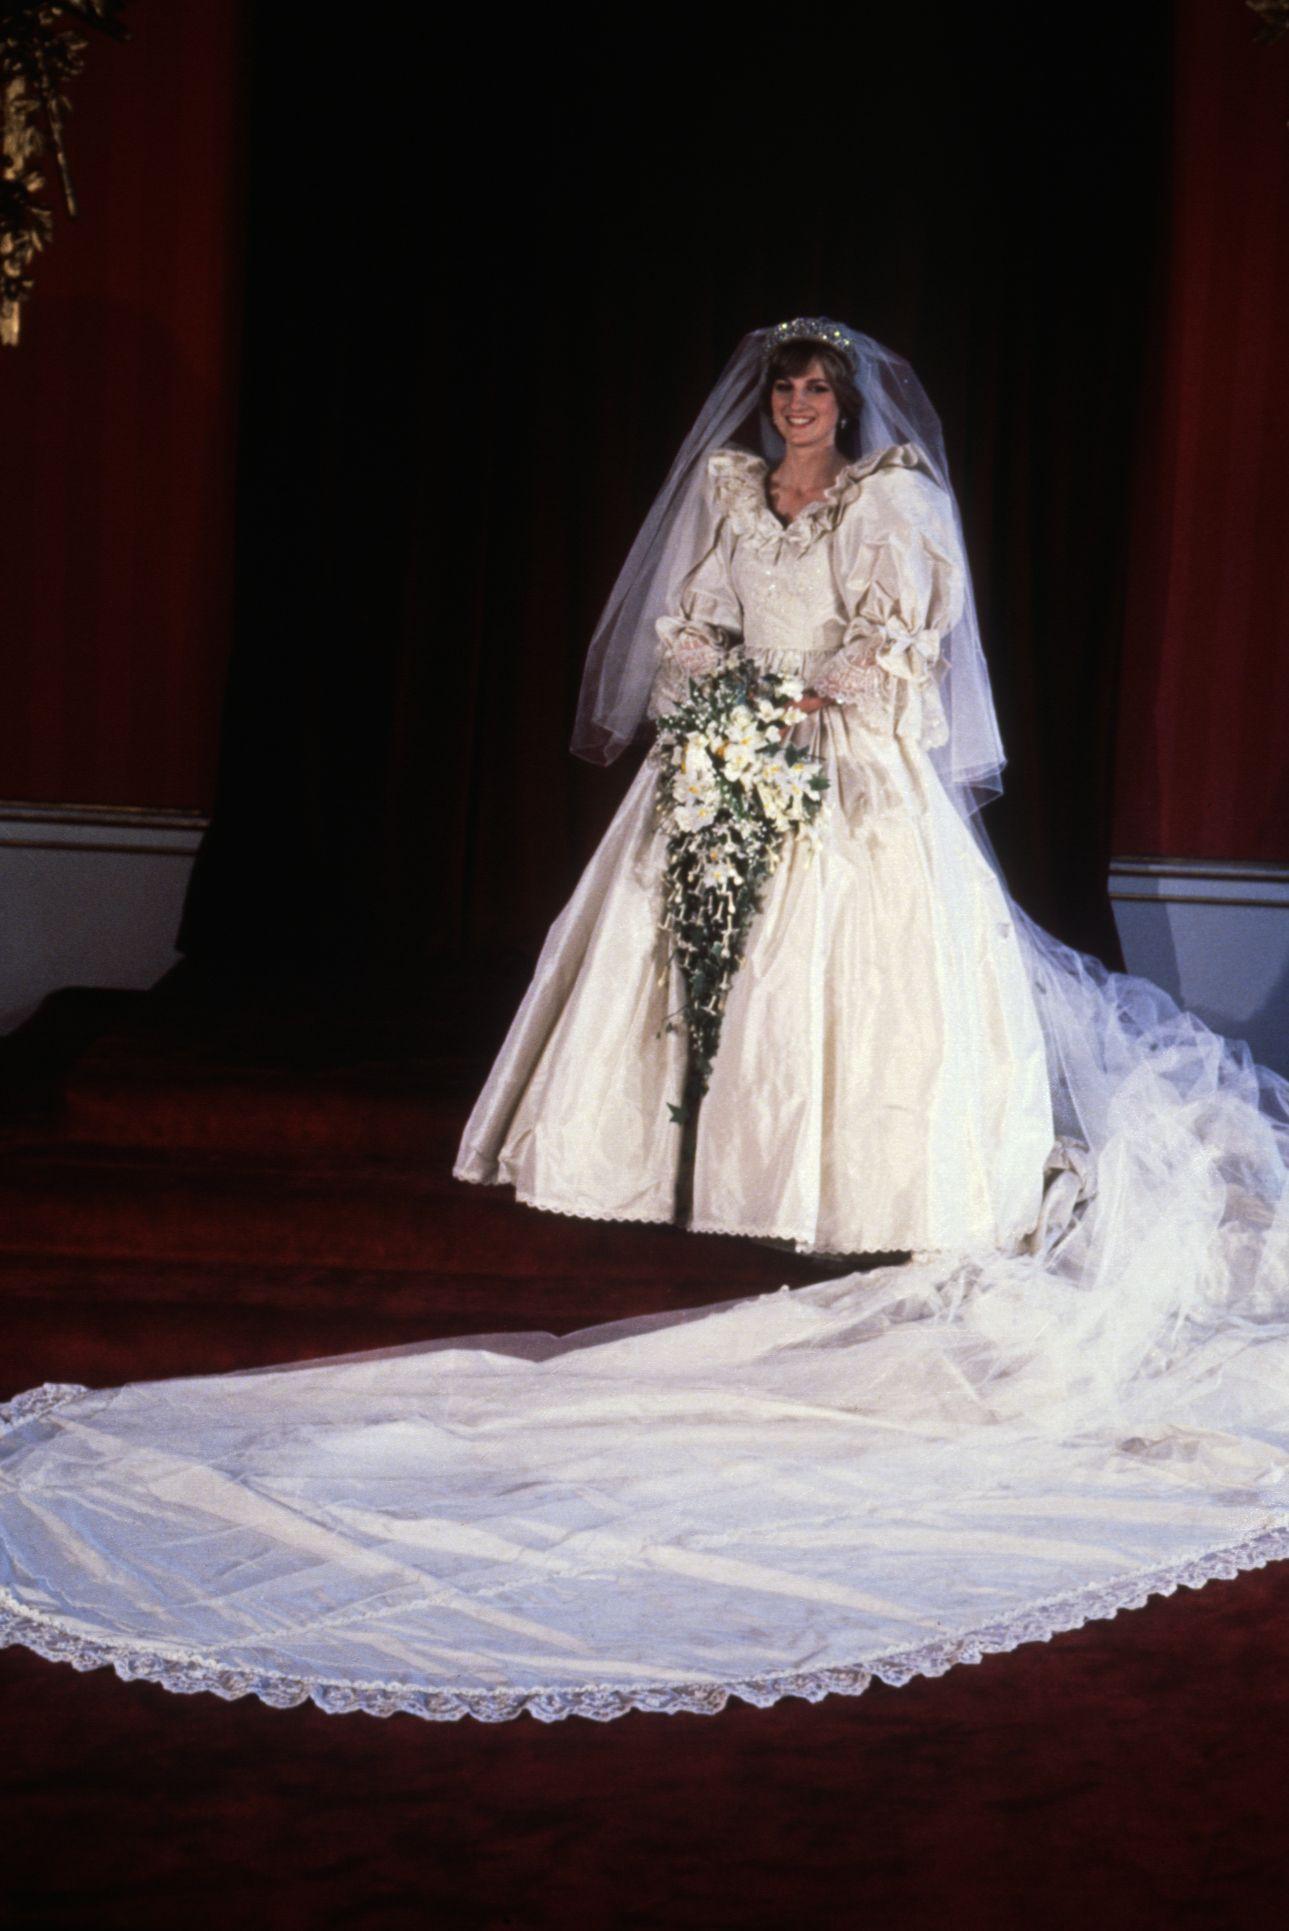 Princess Diana as a Bride